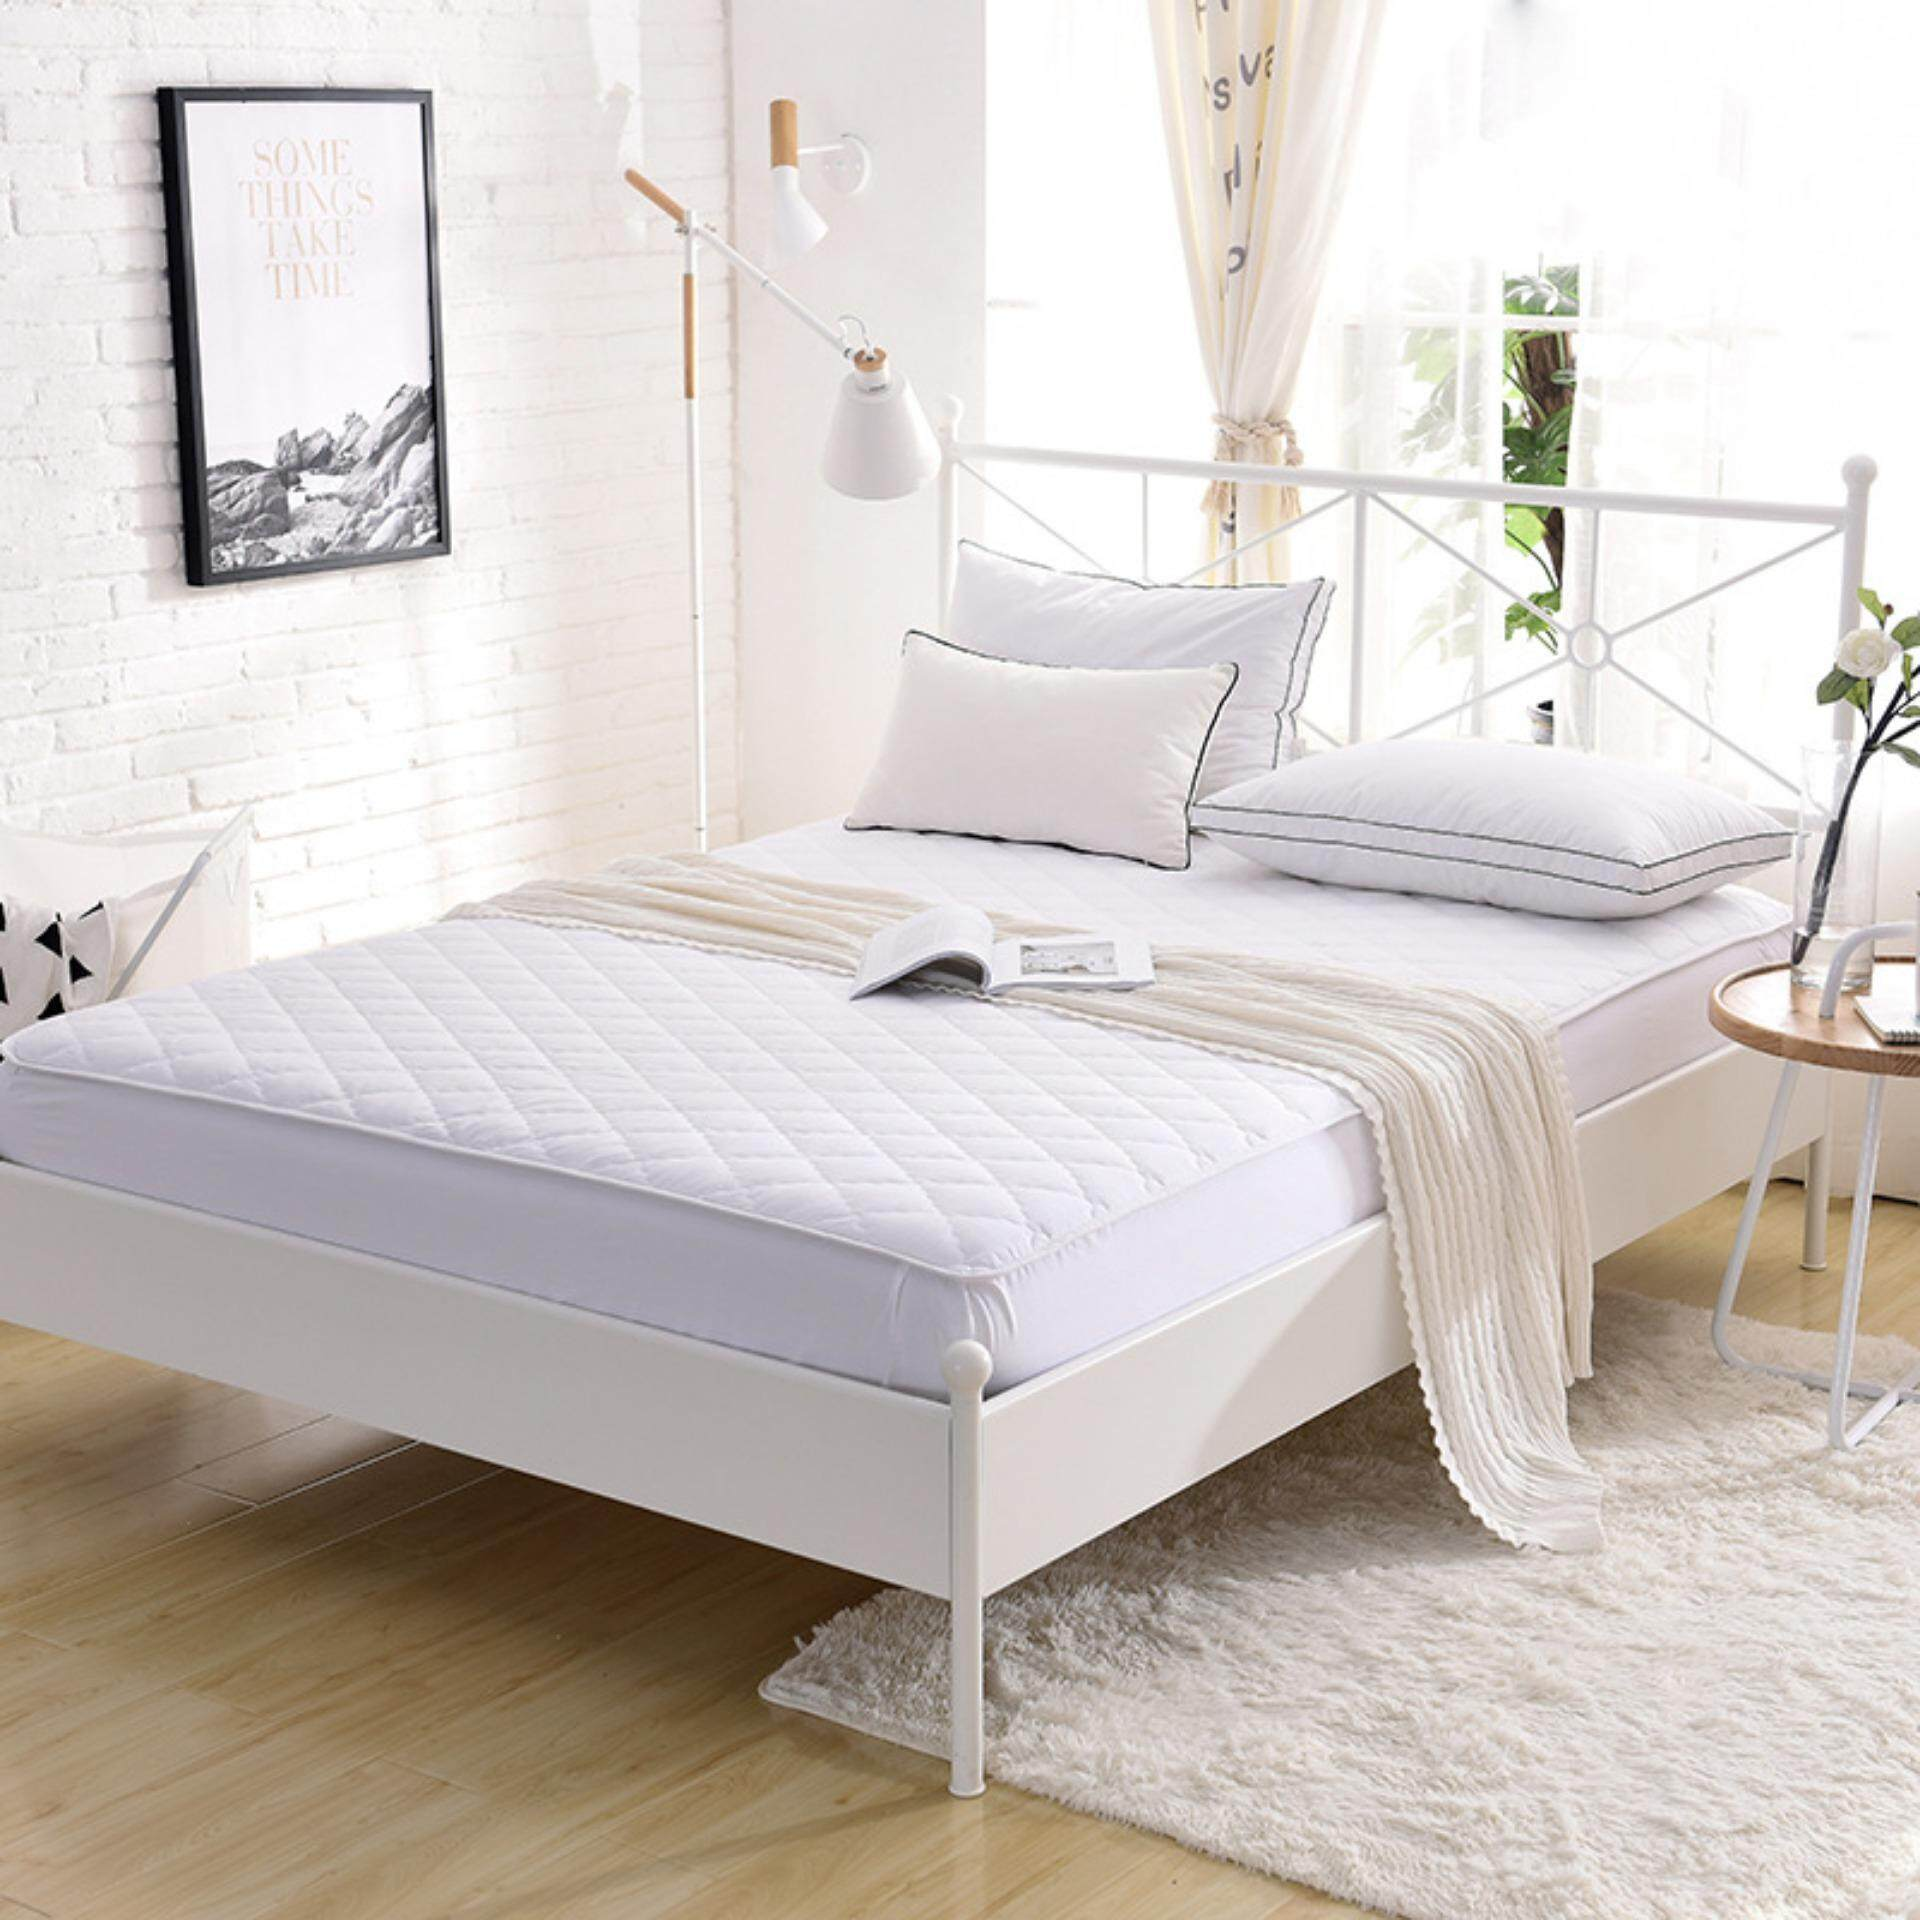 ผ้ารองกันเปื้อน ปลอกที่นอน ผ้ารองกันเปื้อนเกรดโรงแรม ป้องกันไรฝุ่น  Mattress Protector